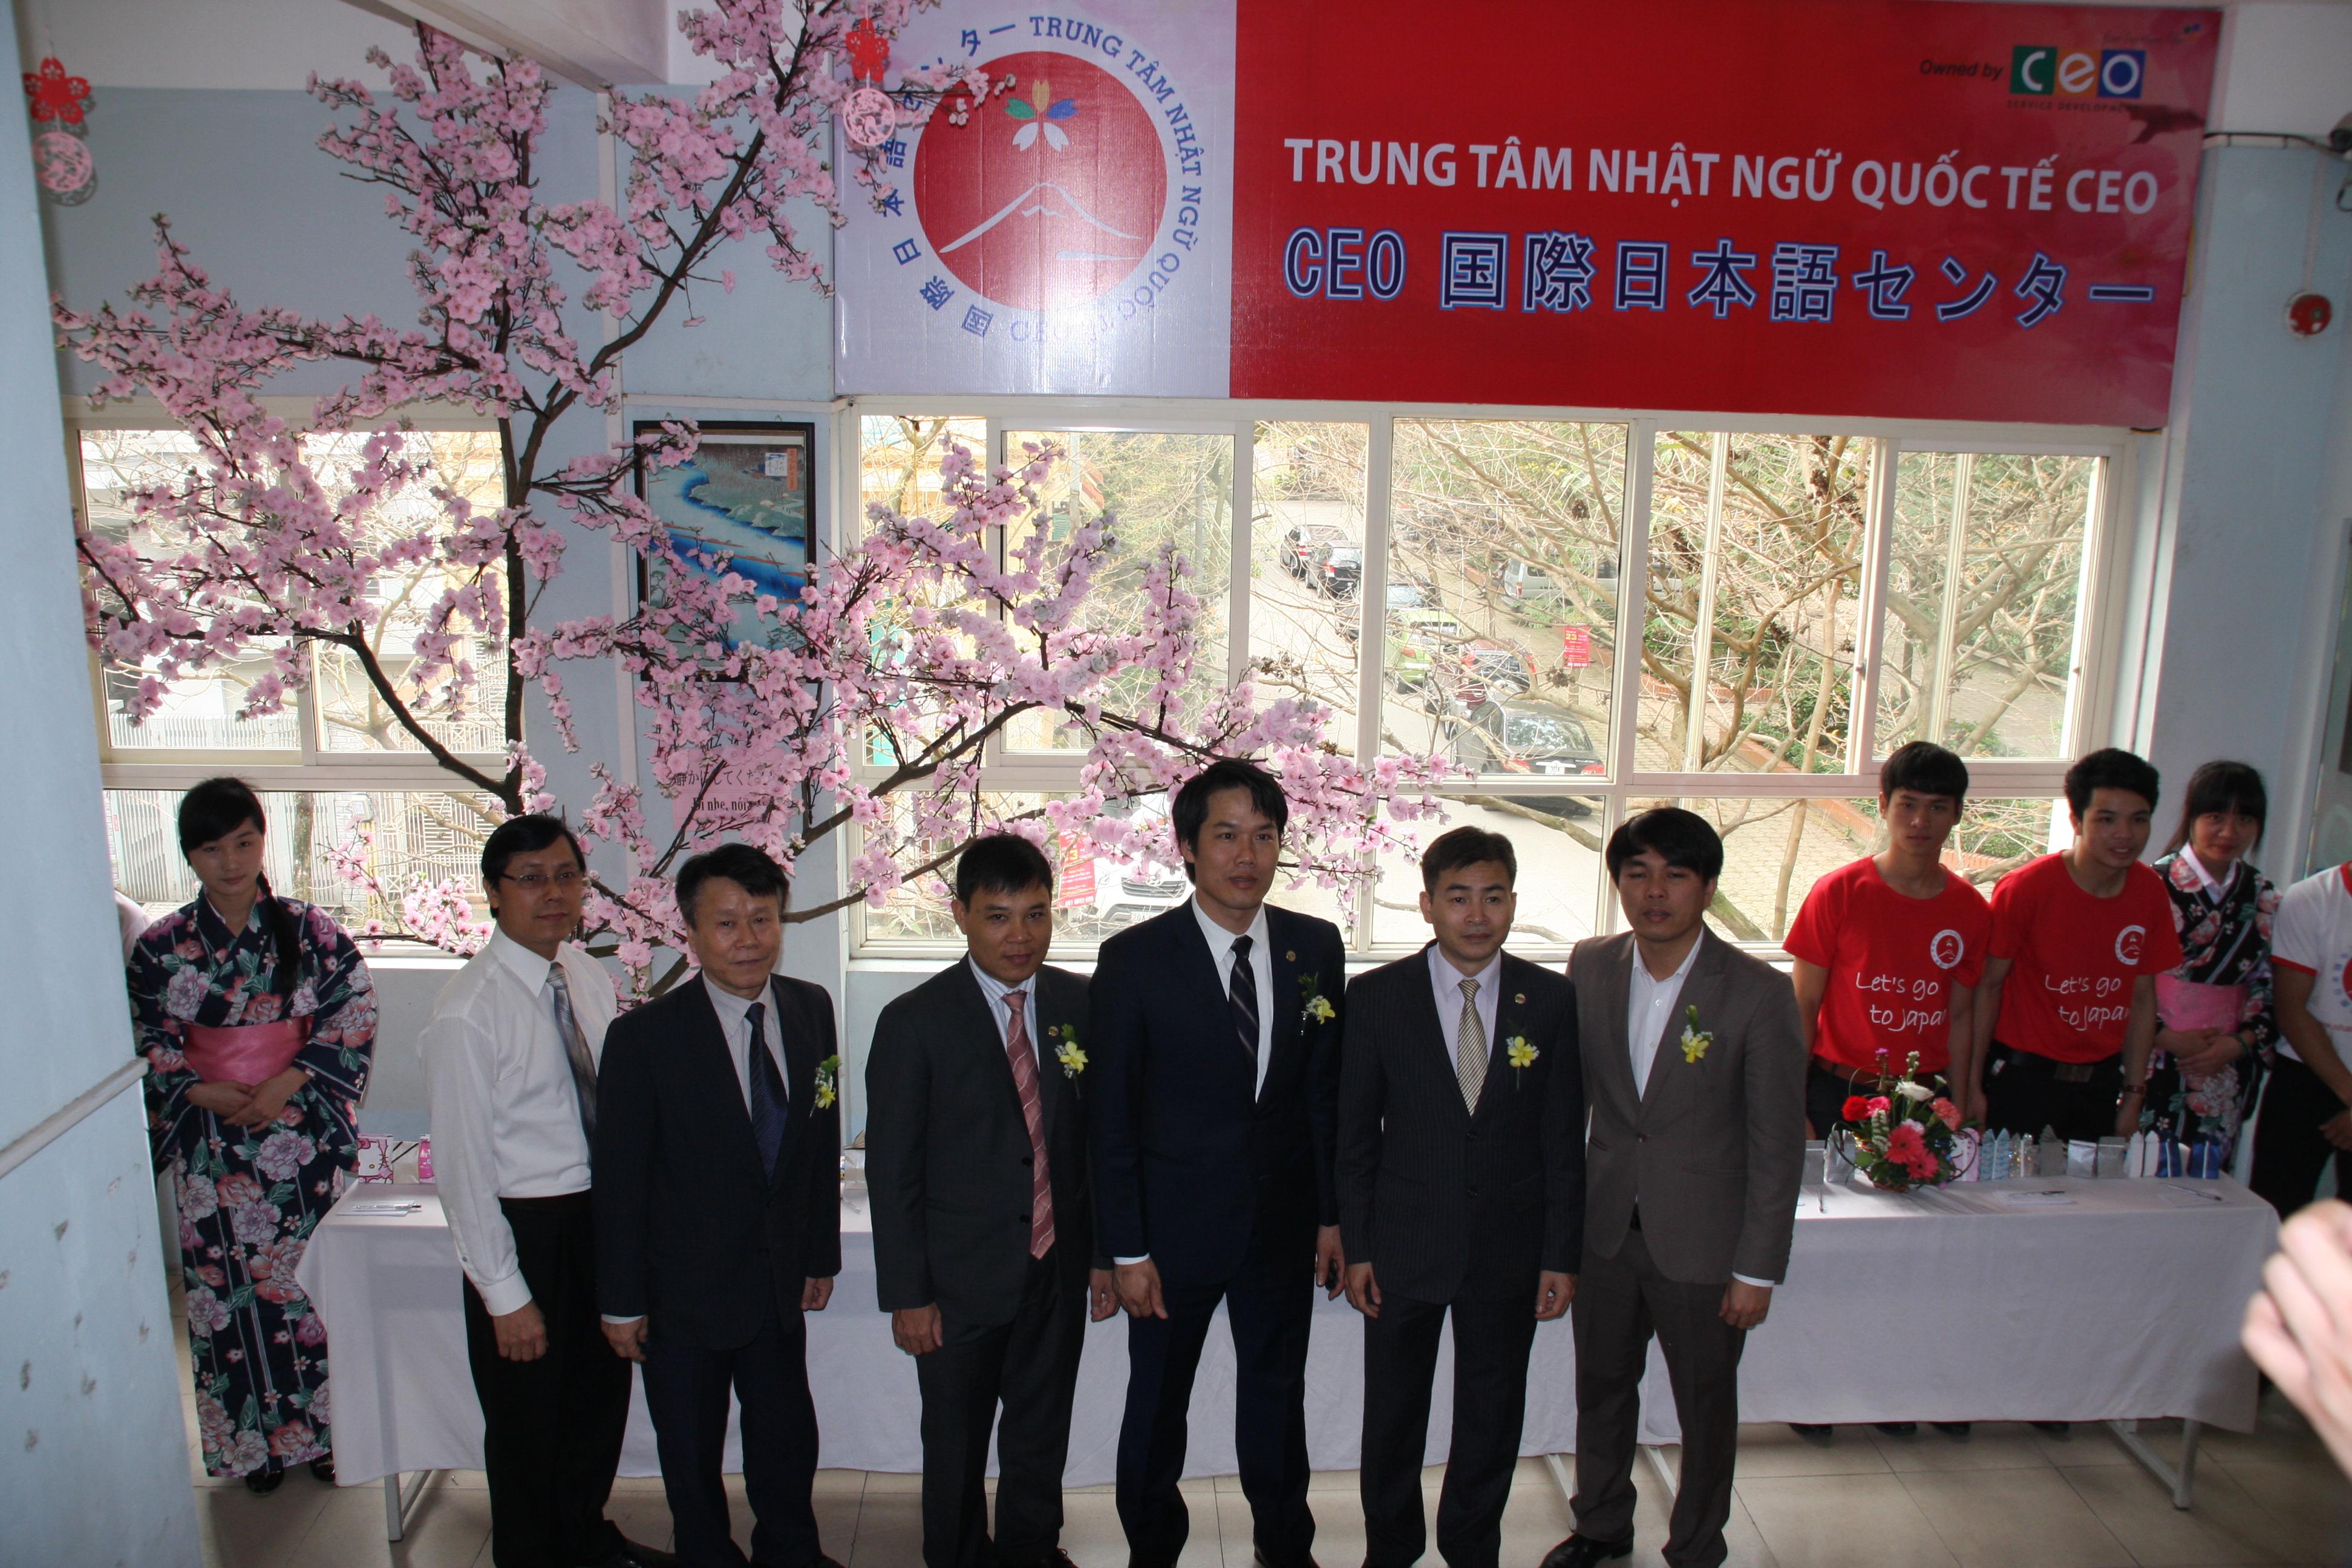 Việc làm tại Hà Nội lương cao phụ trách trung tâm Nhật Ngữ